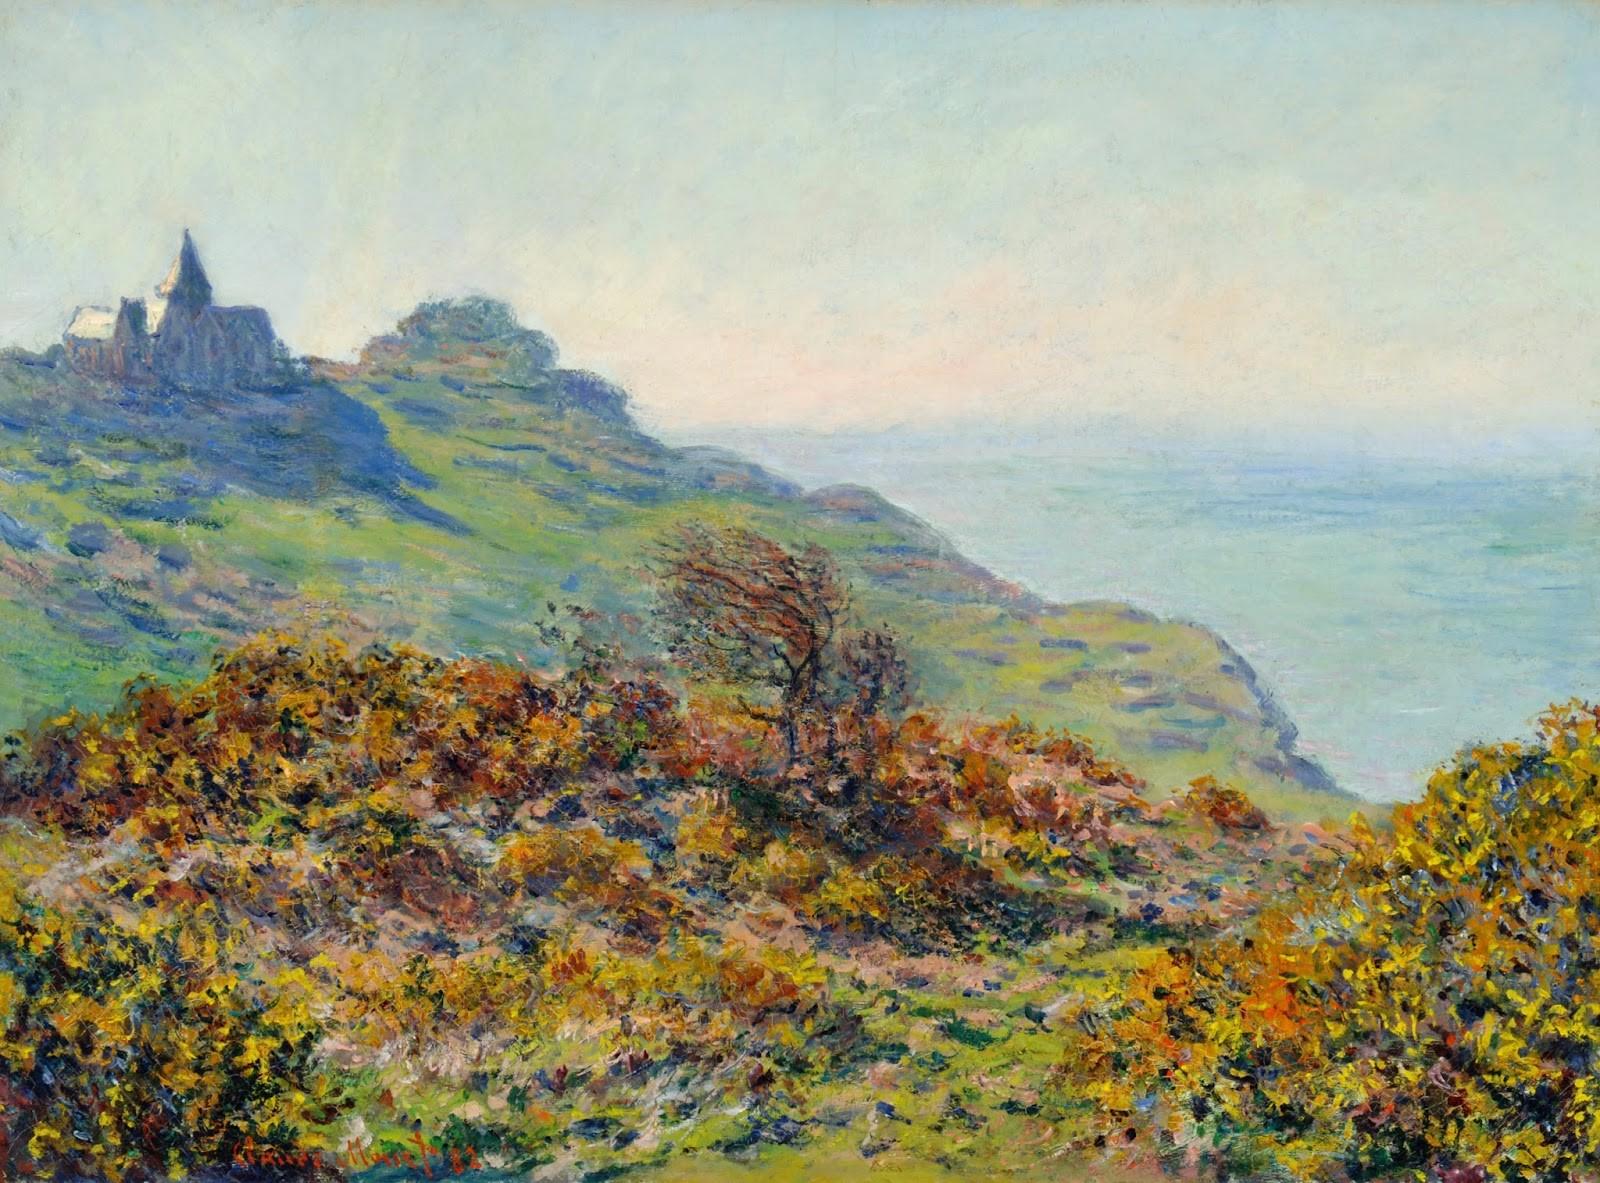 скалы и море < Церковь в Варенживилле и ущелье Мутие >:: Клод Моне, описание картины - Claude Monet фото